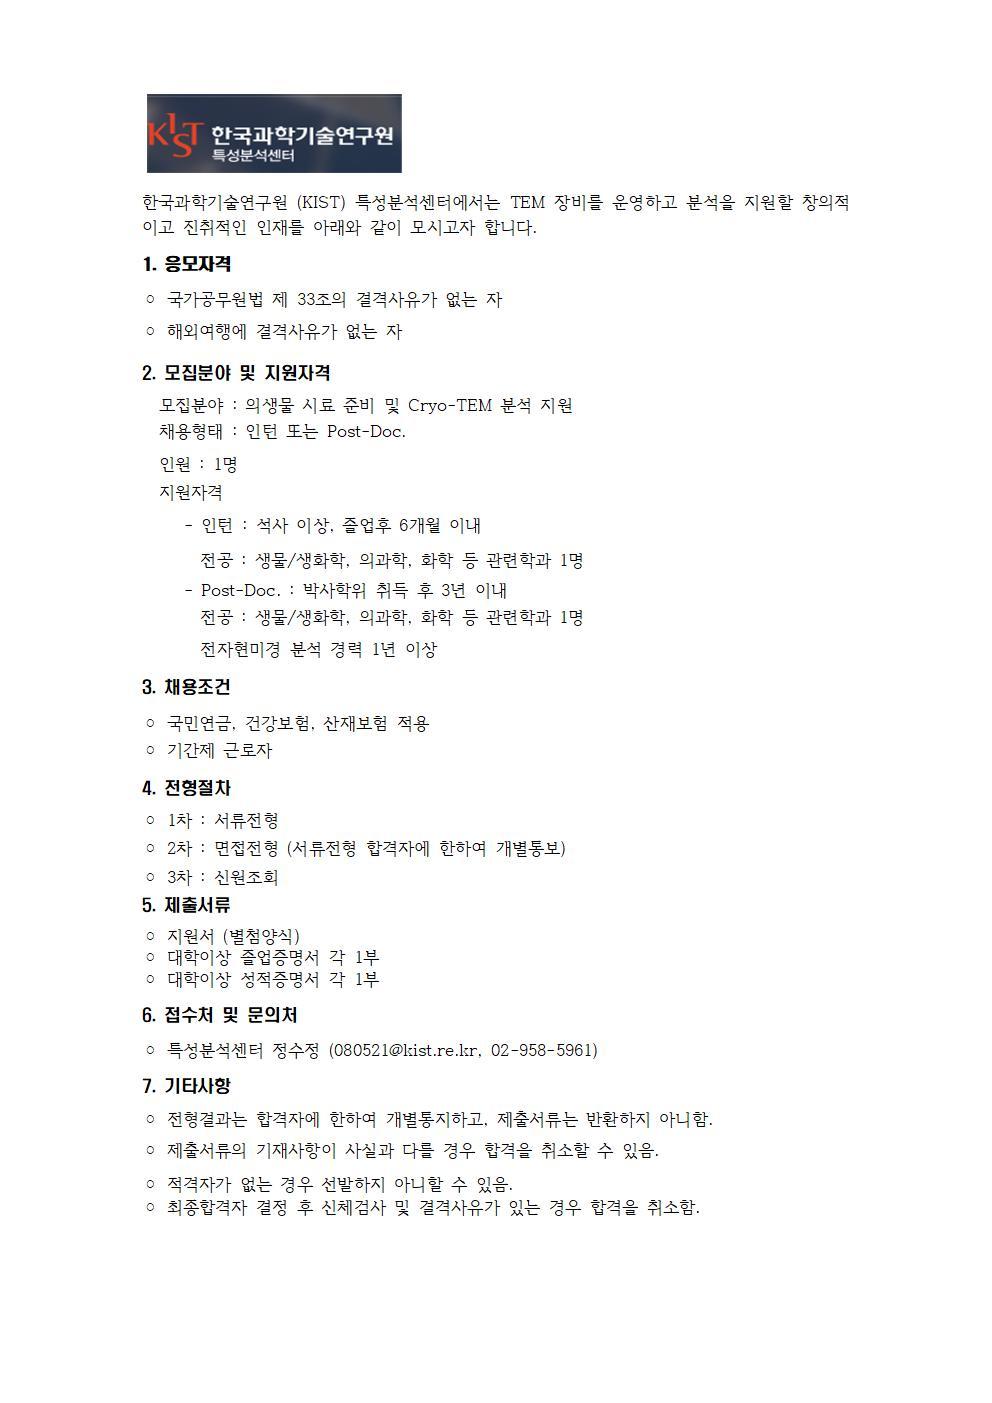 한국과학기술연구원 001.jpg